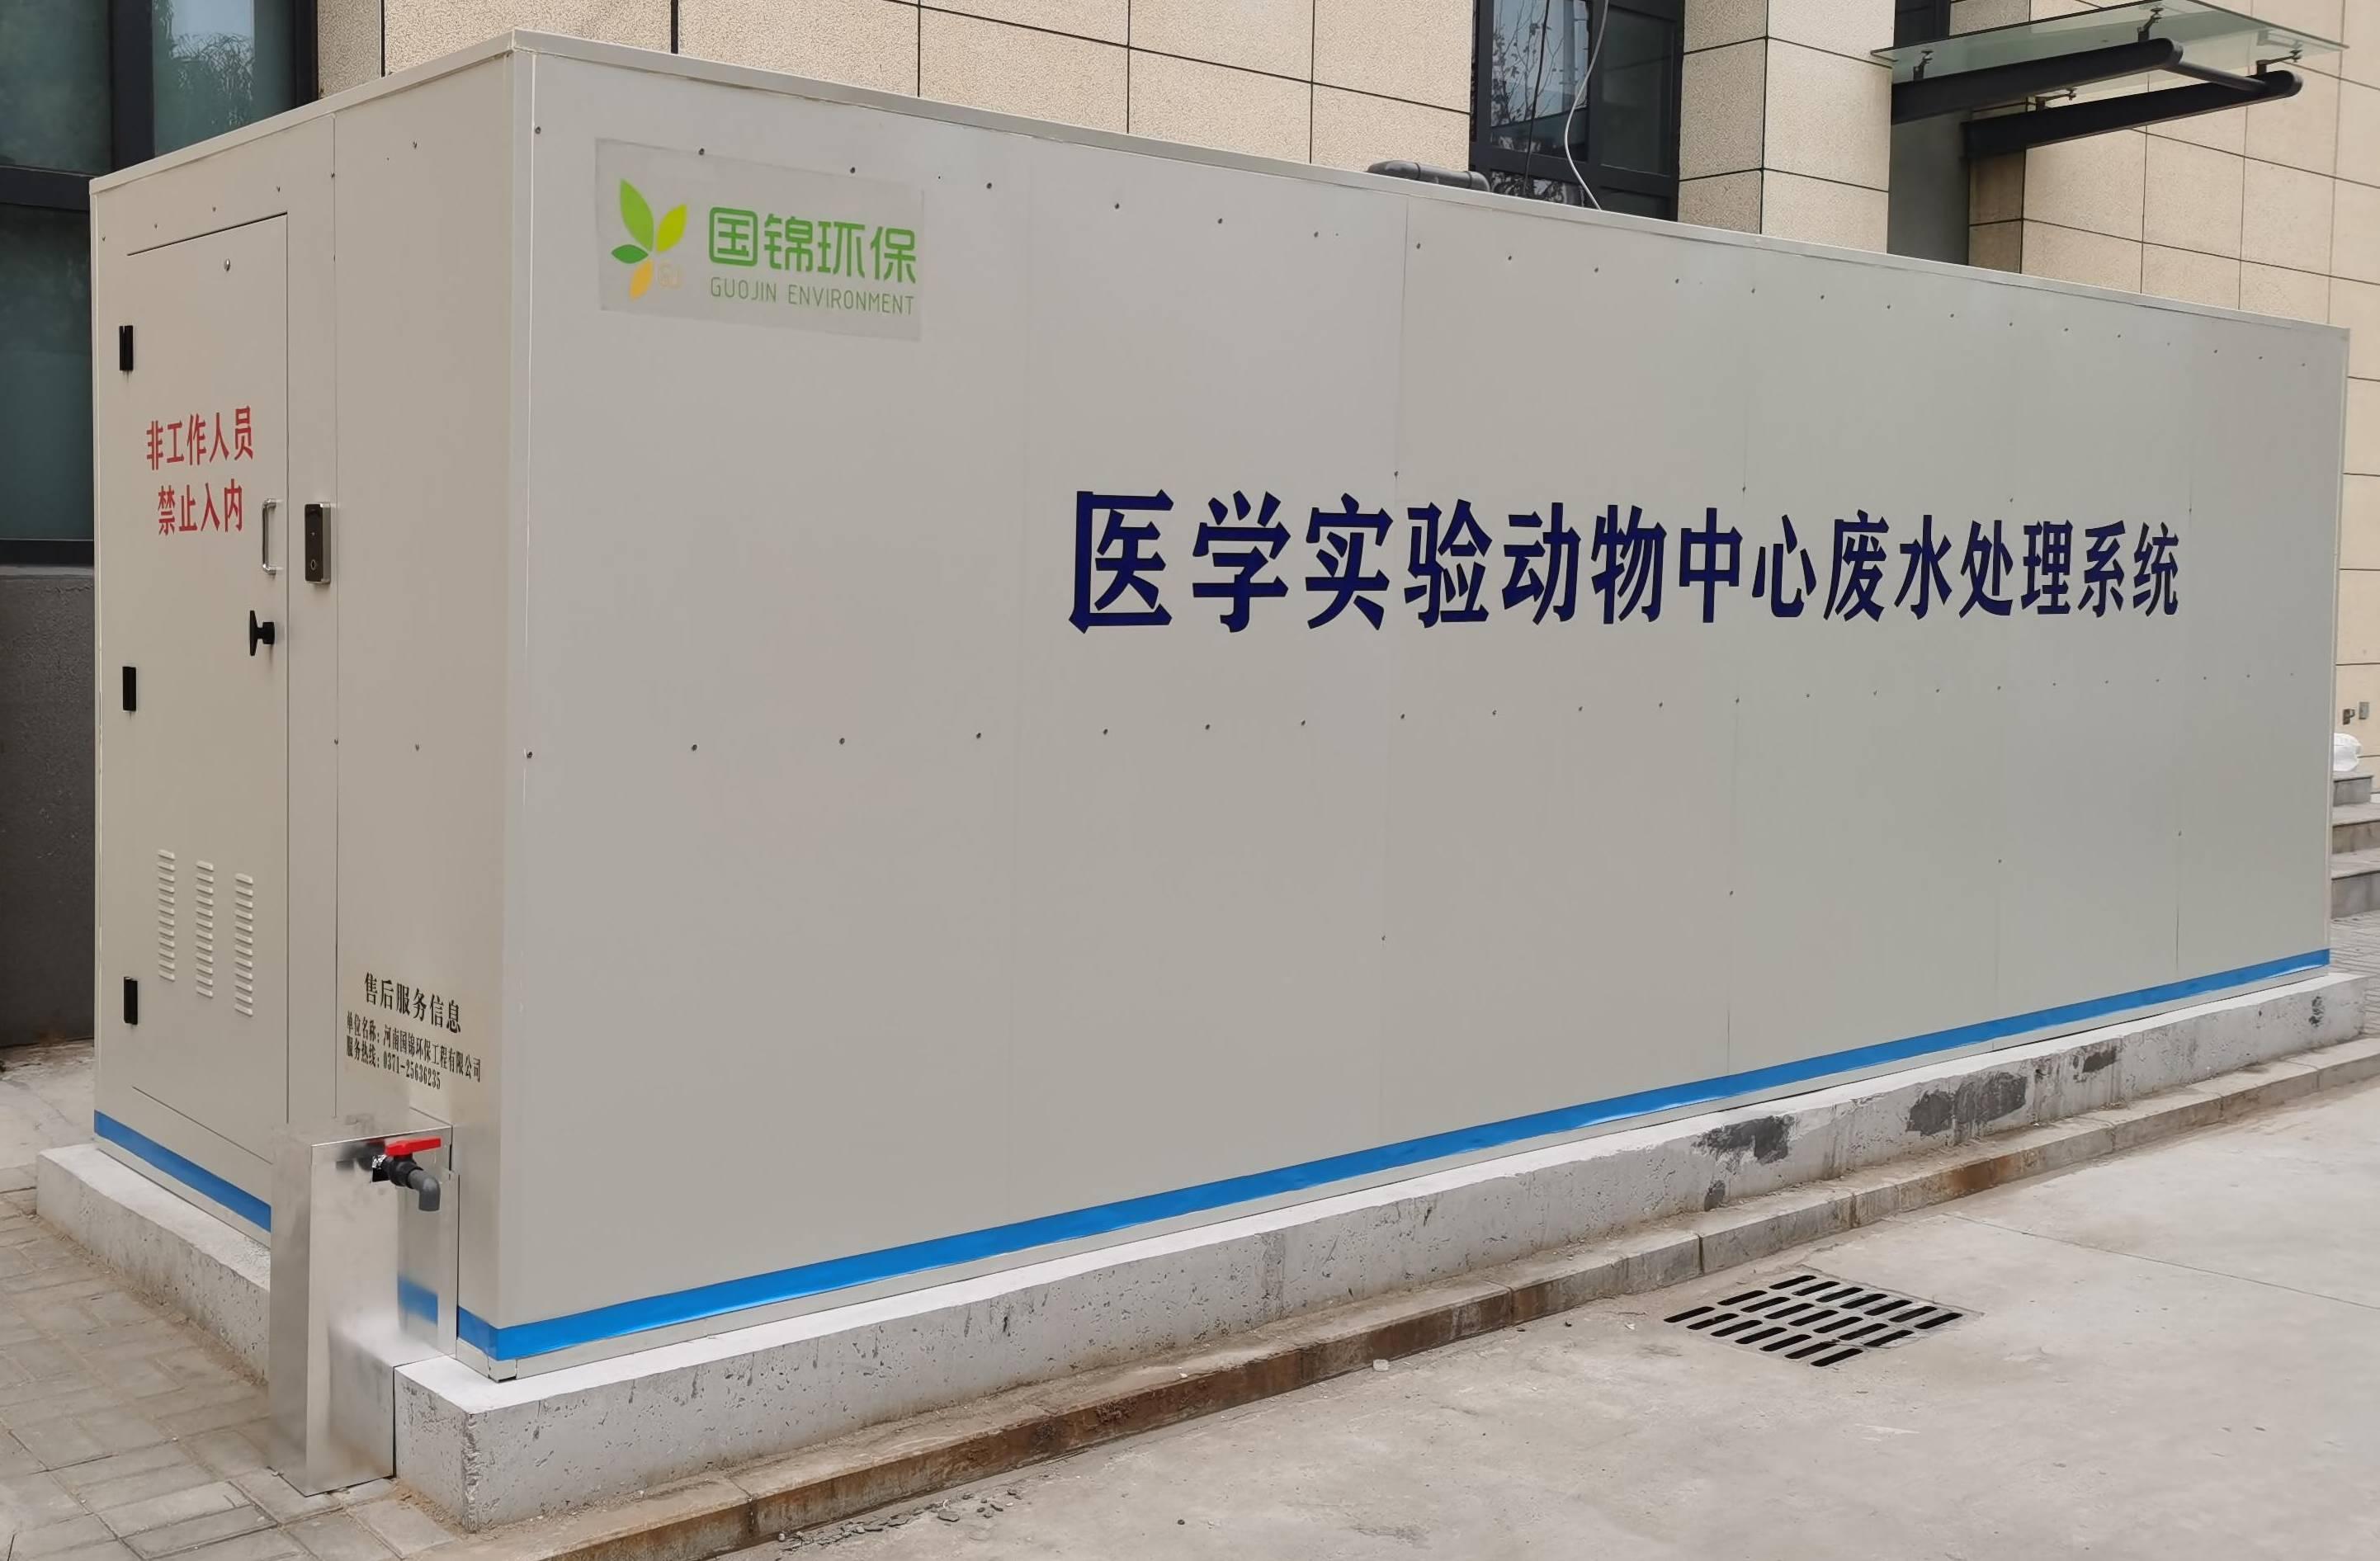 一體化污水處理設備運維